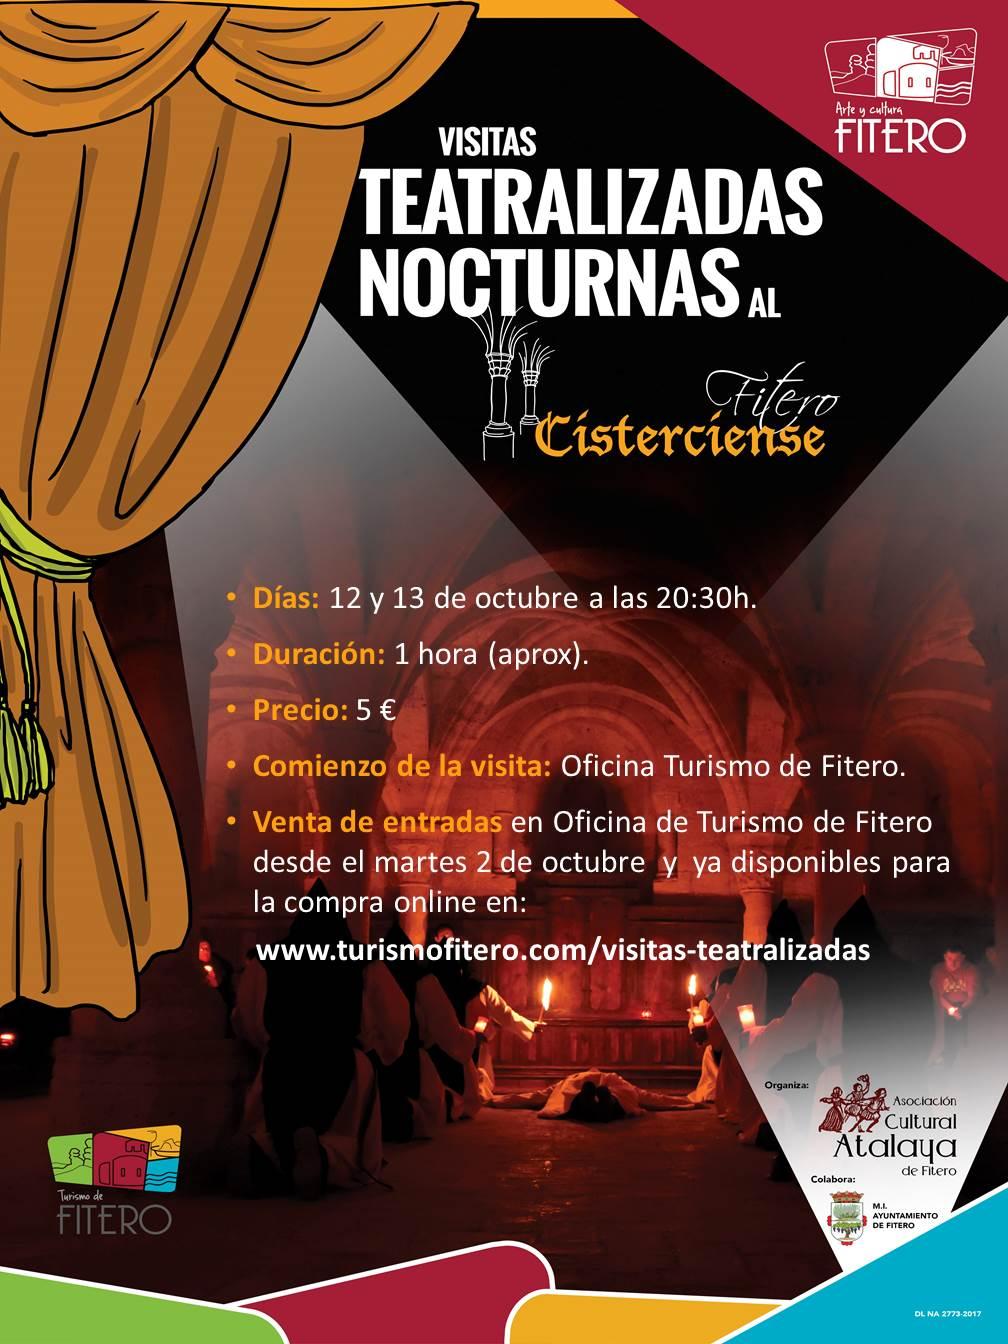 Visitas Teatralizadas Nocturnas al Fitero Cisterciense los días 12 y 13 de octubre